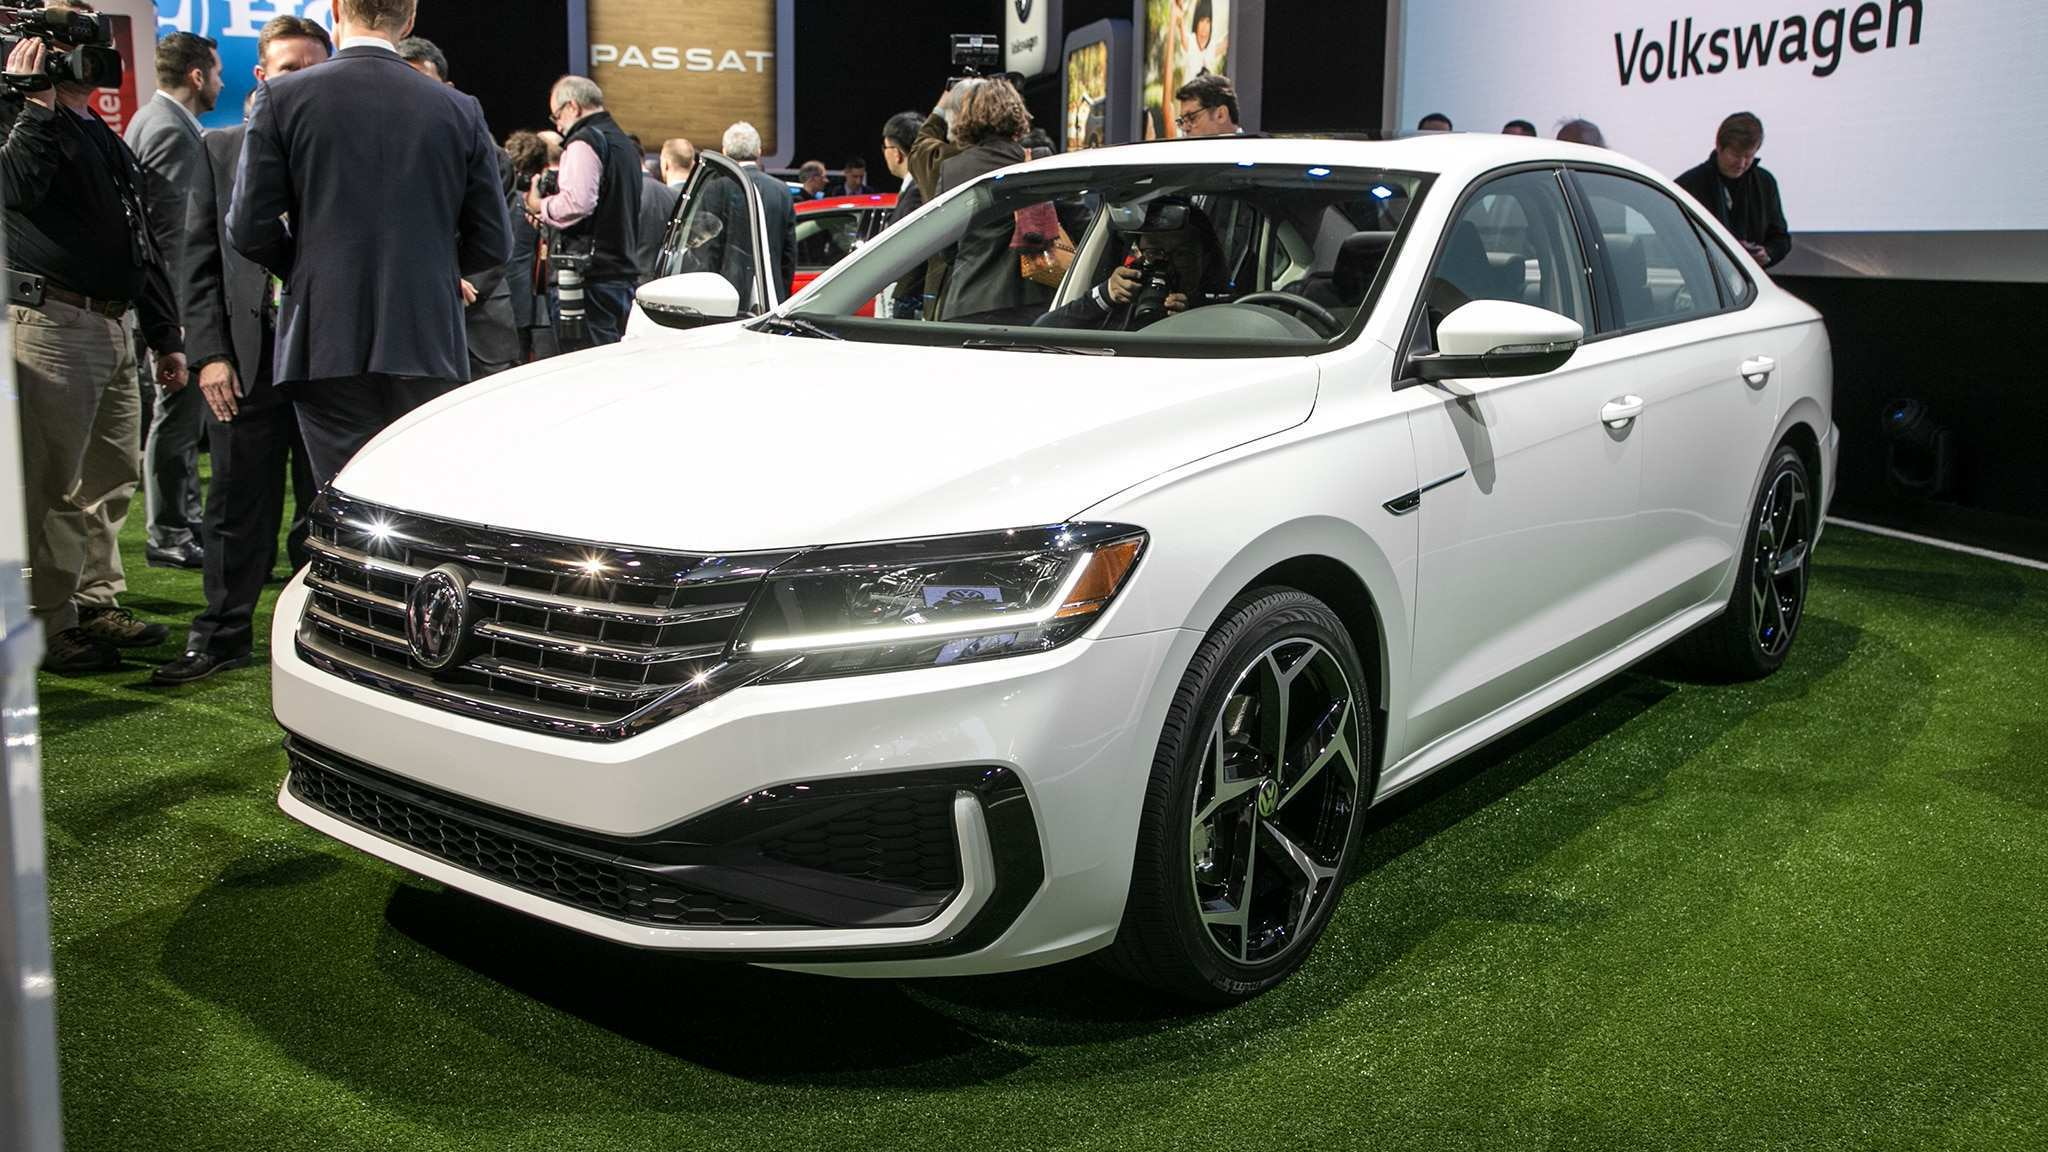 31 New VW 2020 Passat Images by VW 2020 Passat